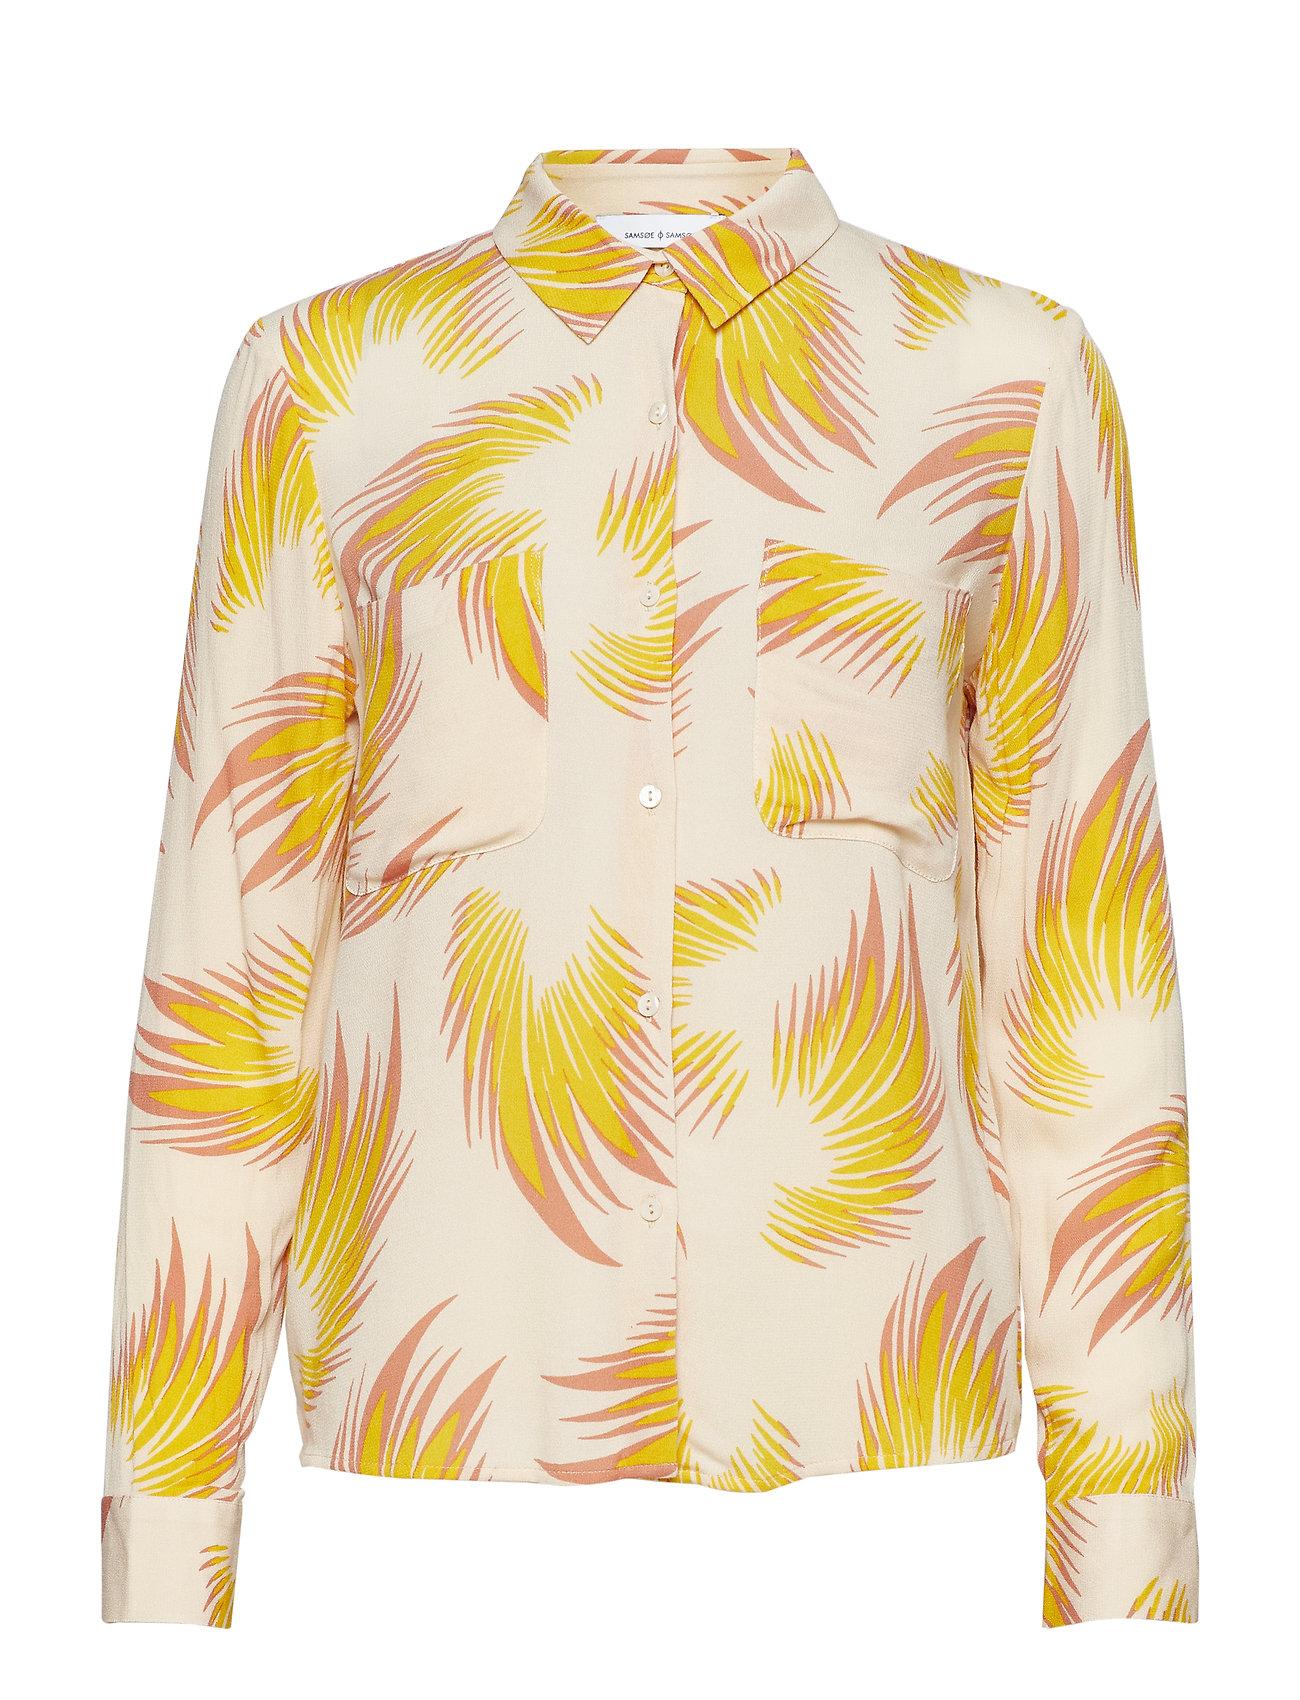 Samsøe & Samsøe Milly shirt aop 7201 - SUN FEATHER